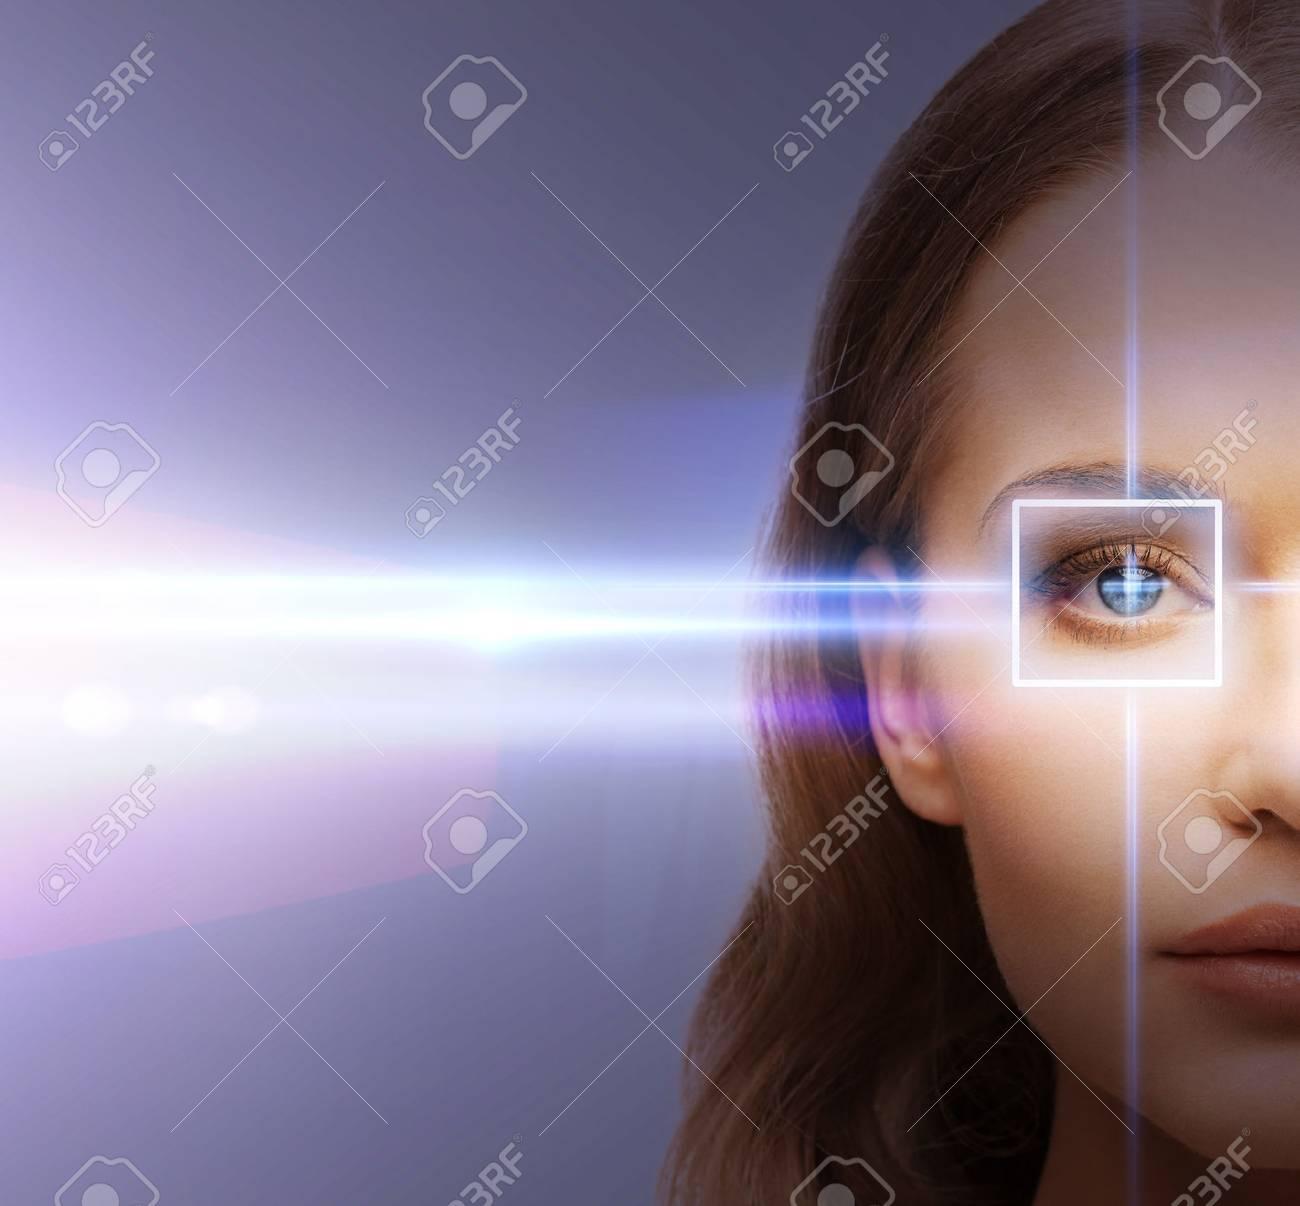 Banque d images - Santé, vision, vue - oeil de femme avec le cadre de la  correction au laser 3a9a1161898a